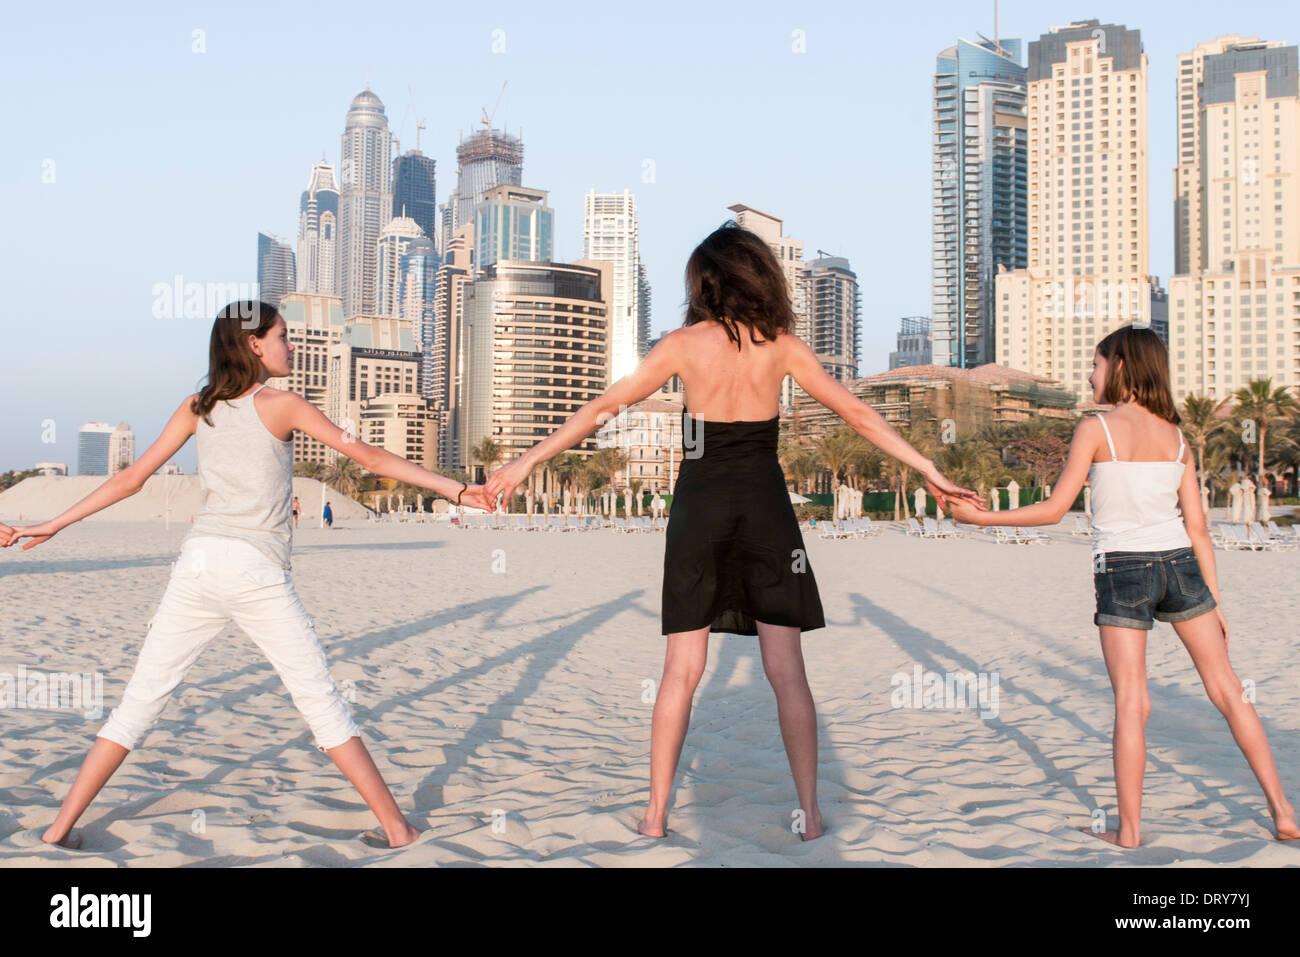 La mère et les filles se tenant la main sur la plage, vue arrière Banque D'Images